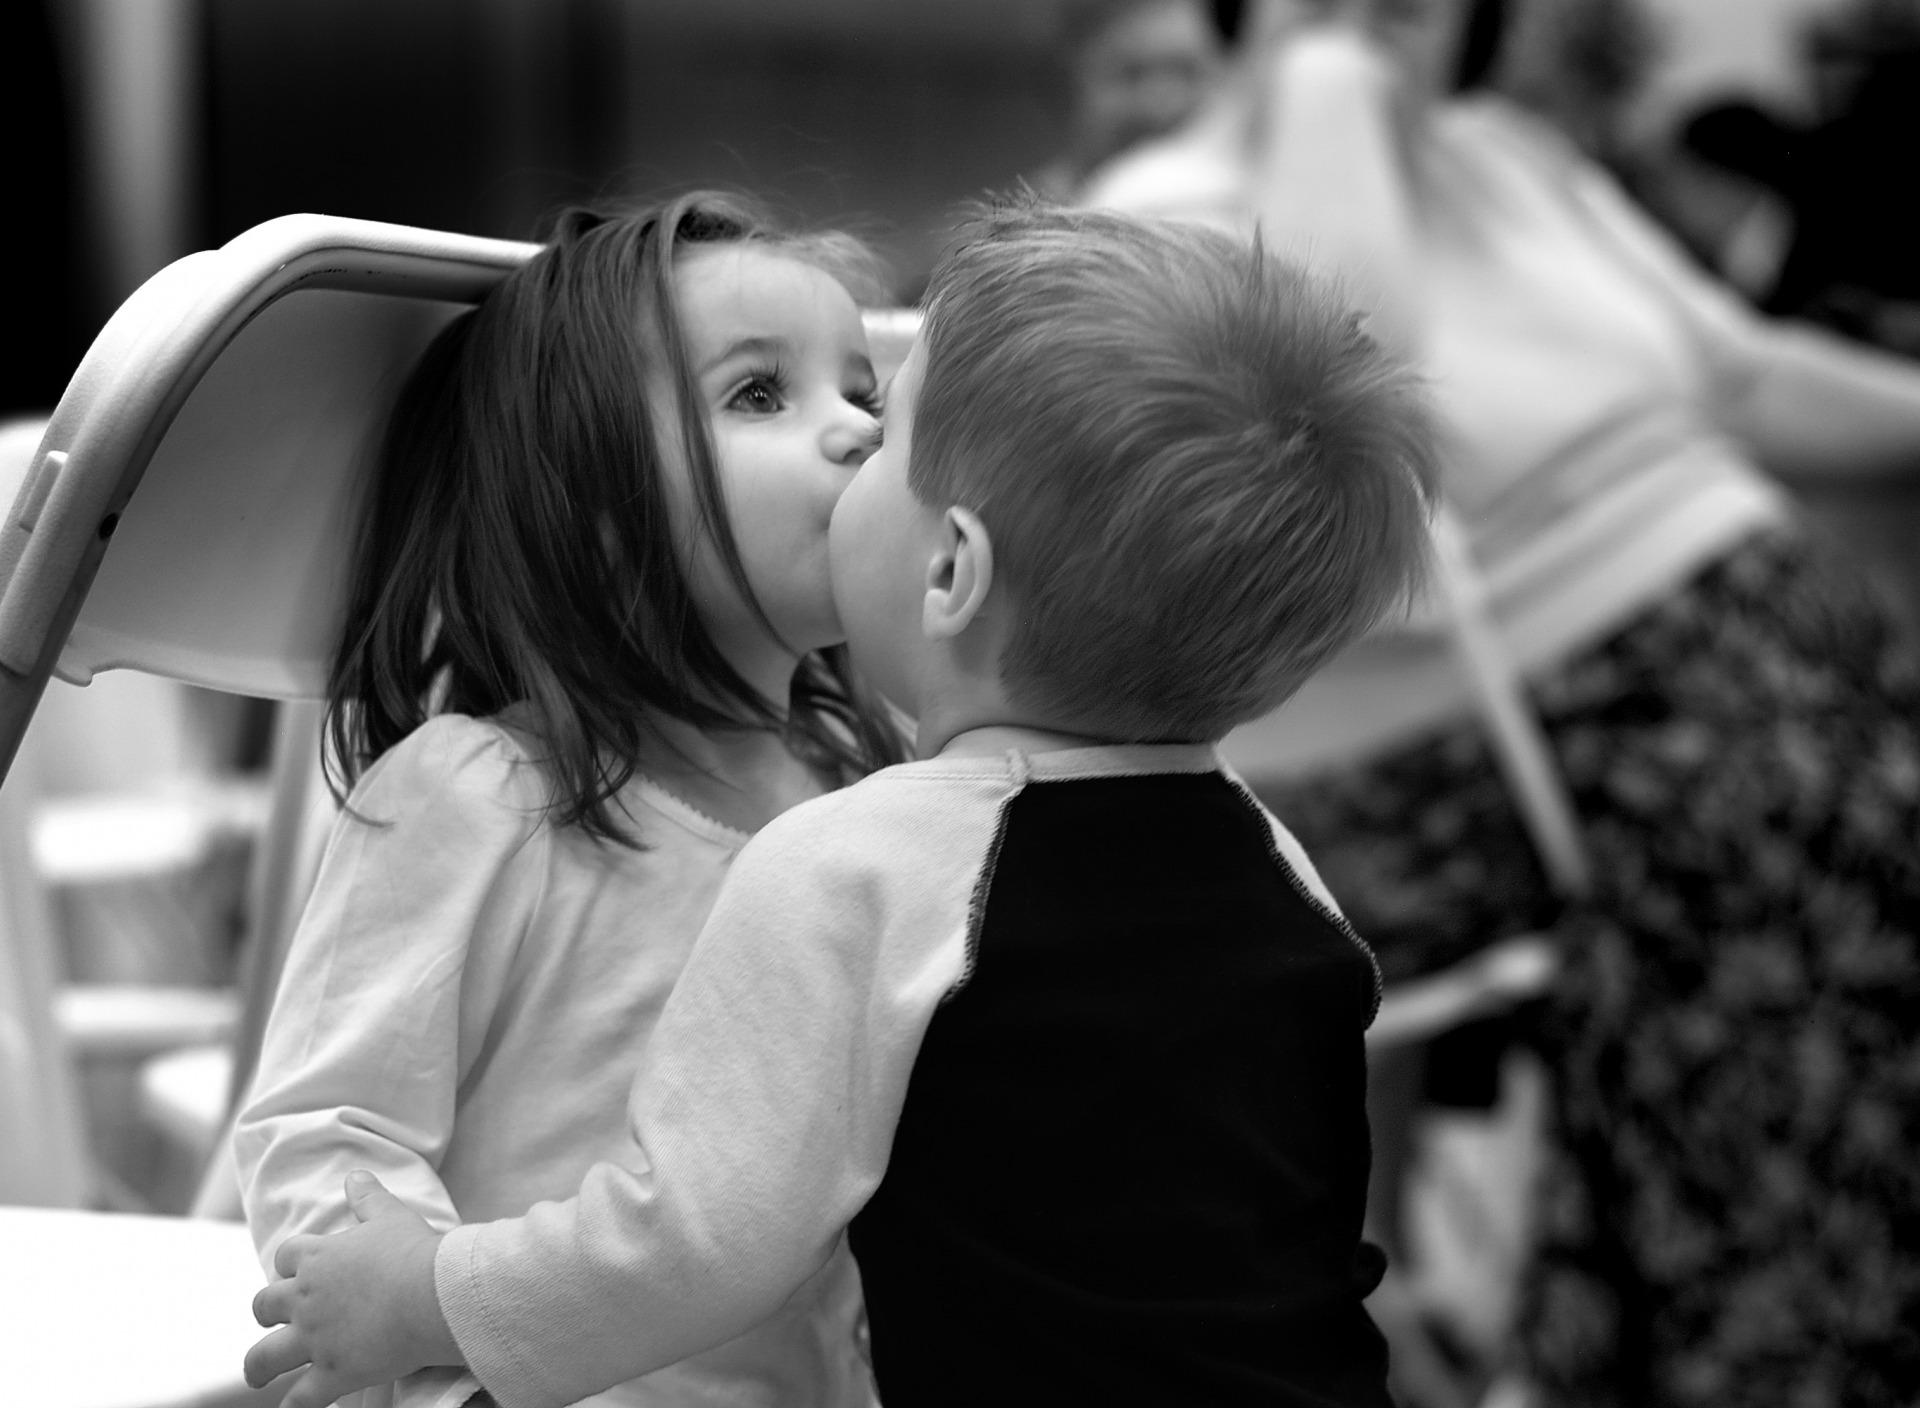 Прикольные фото скучаю с поцелуями иконы